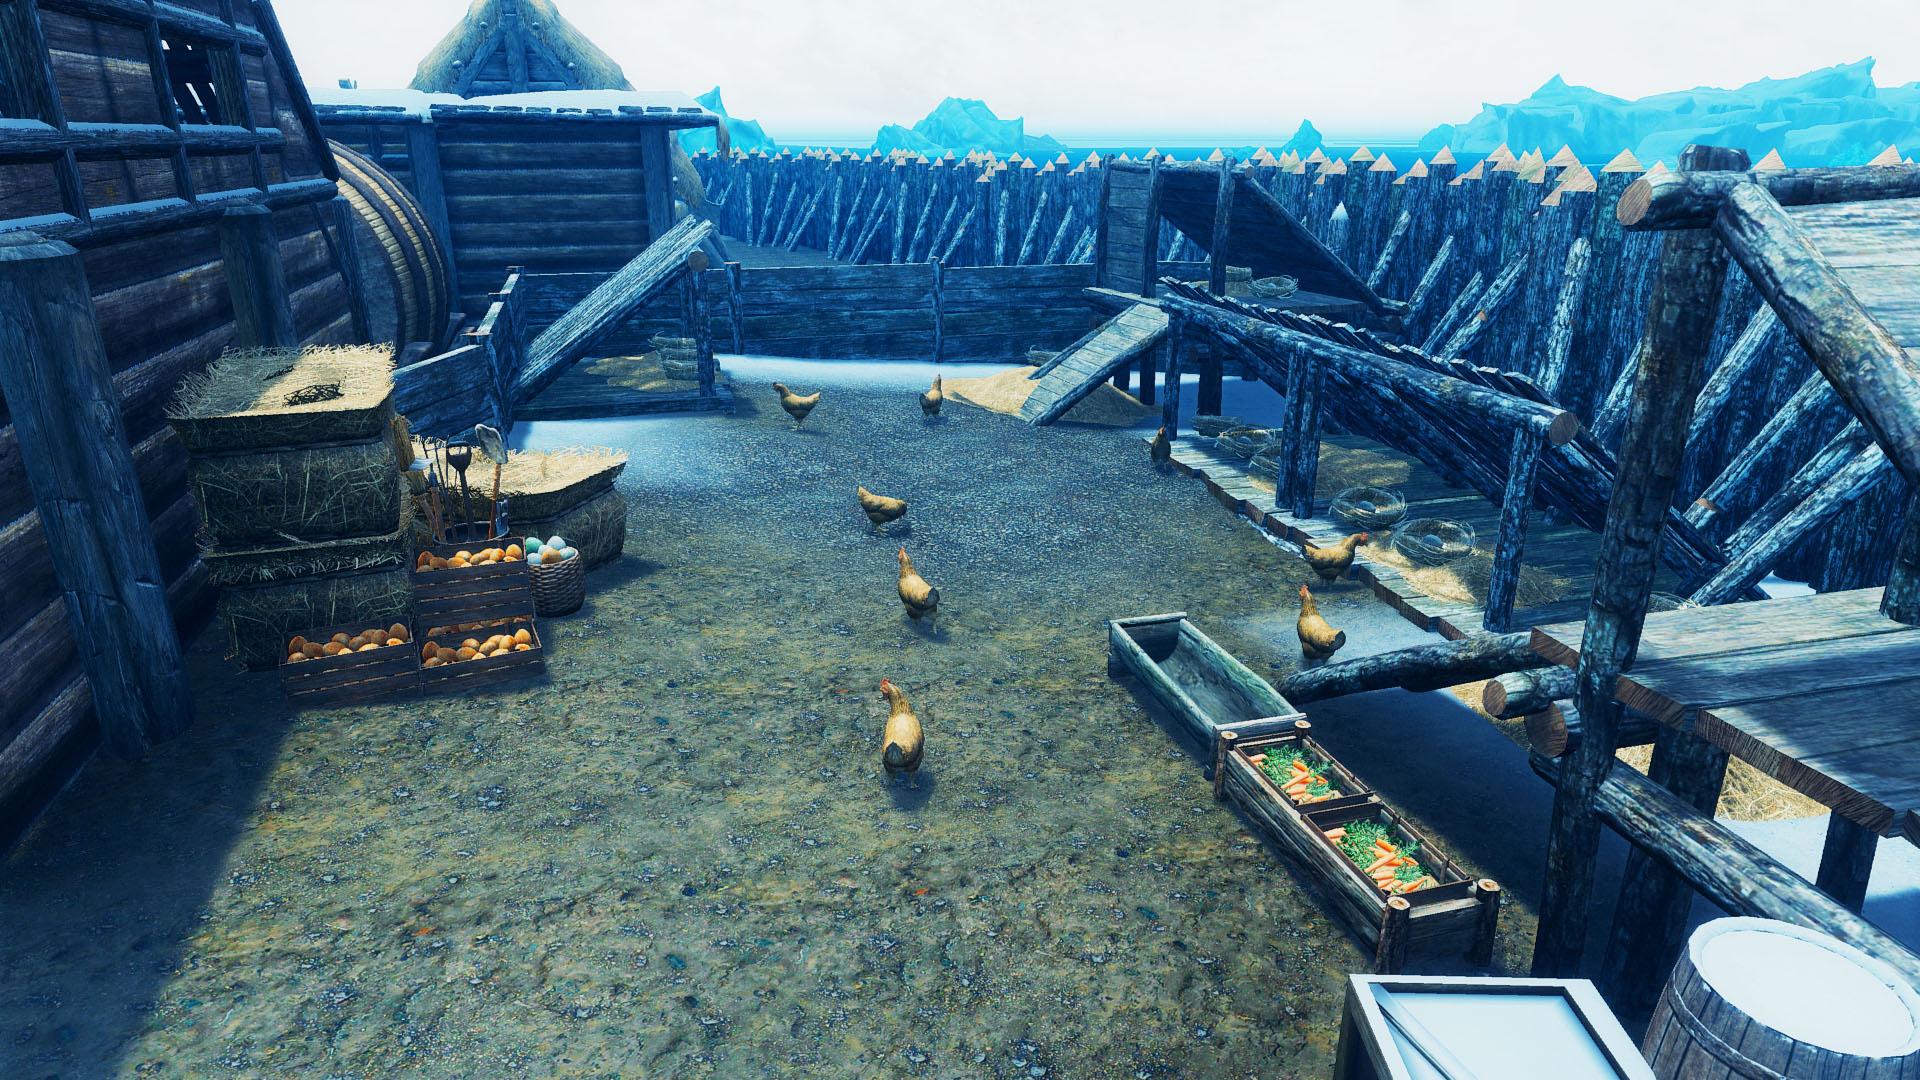 Мод для skyrim превратил деревни в города.